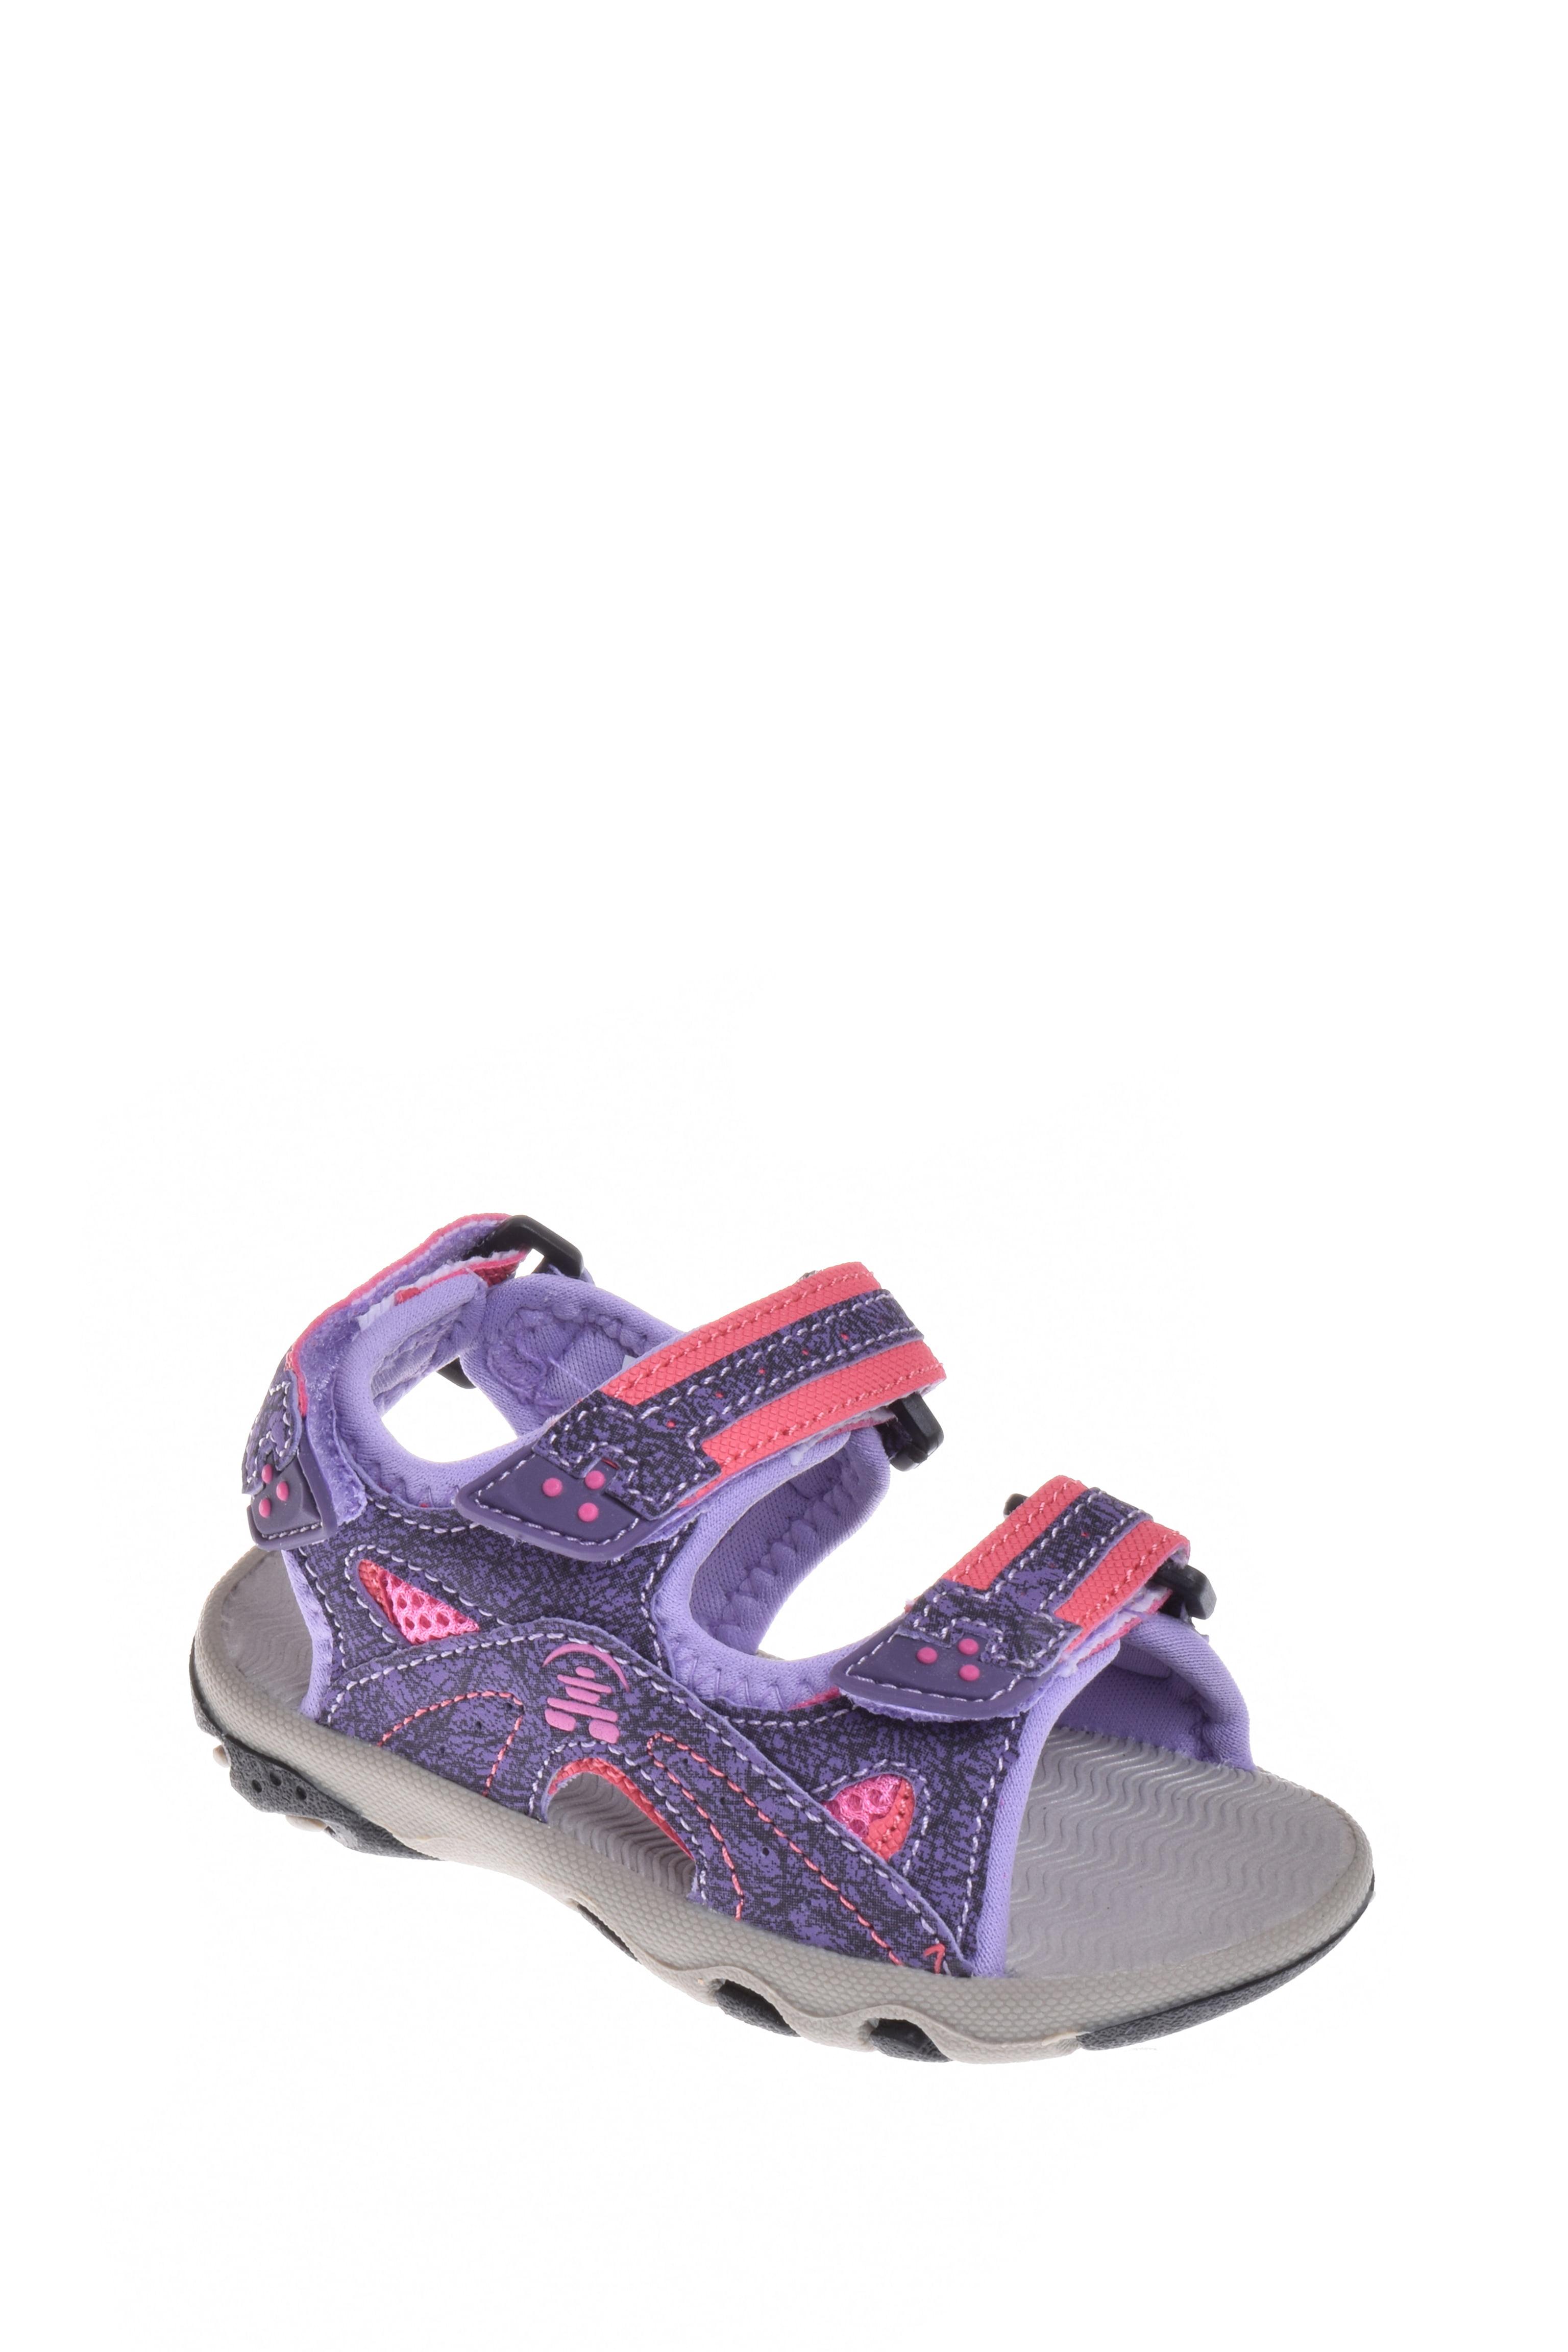 Kamik Toddler's Lobster Sandal - Purple / Violet